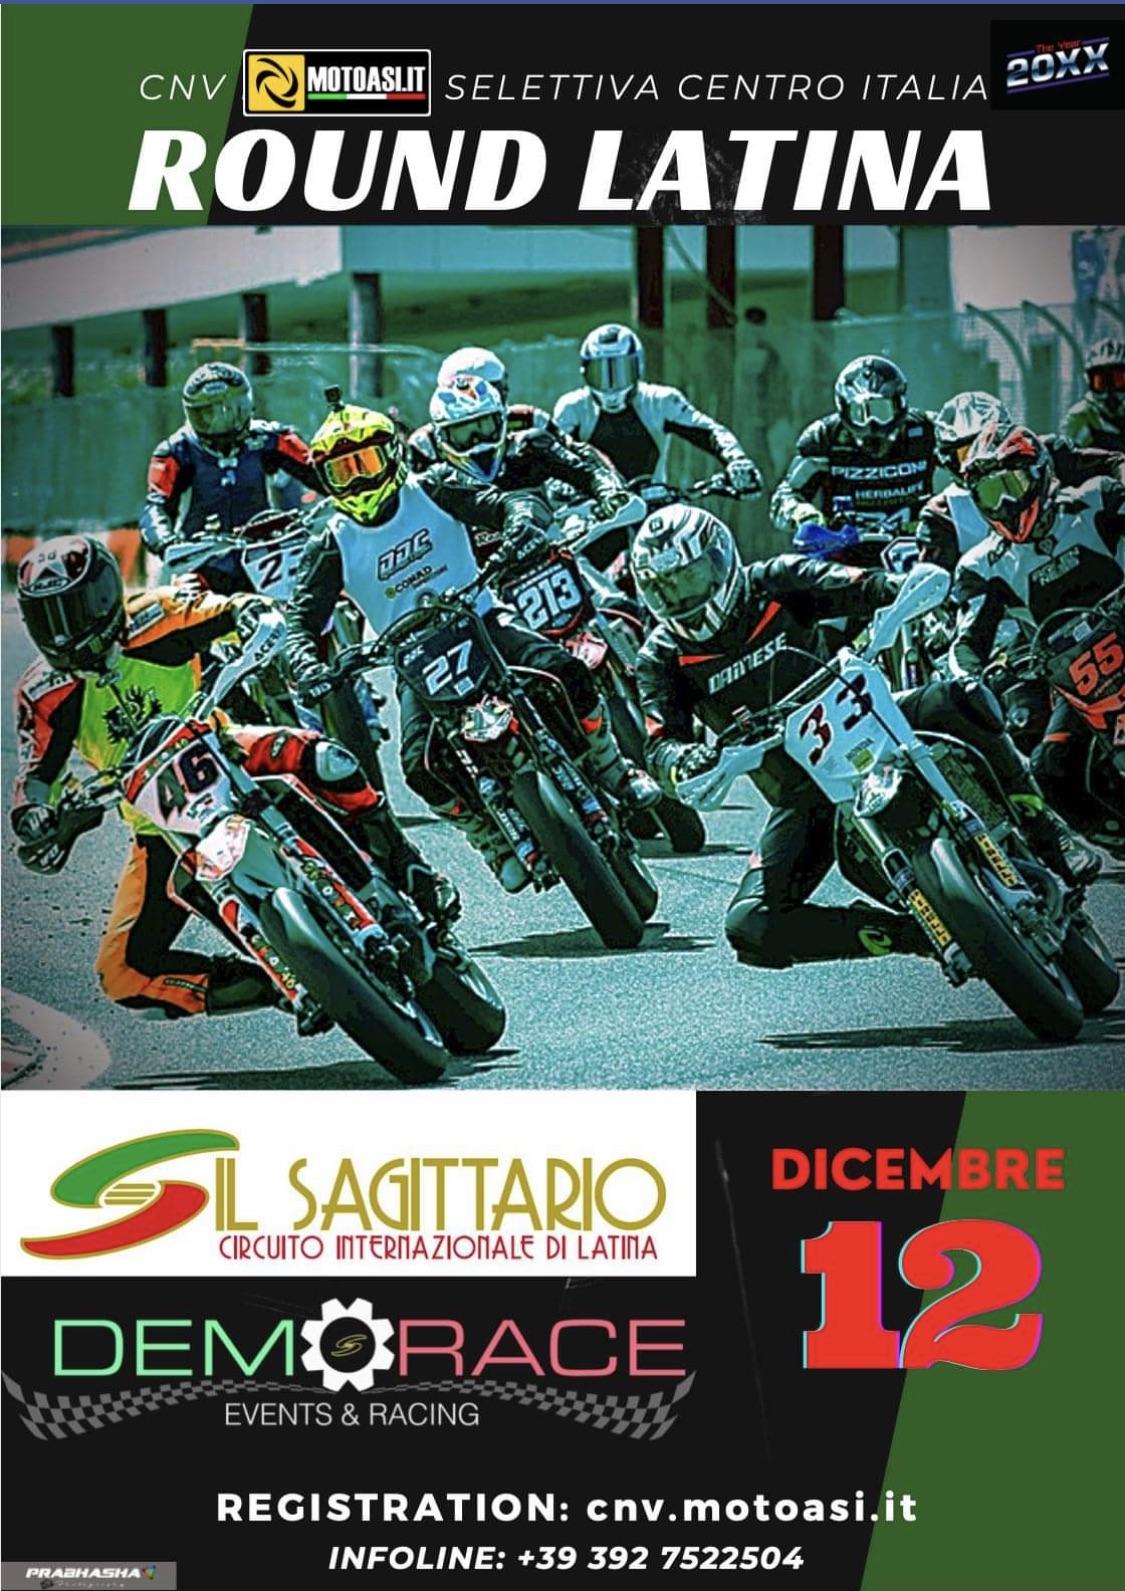 Demorace - CNV 2020 Selettiva Centro Italia 5 Round Location Circuito Internazionale Il Sagittario Data Sabato 12 Dicembrepng